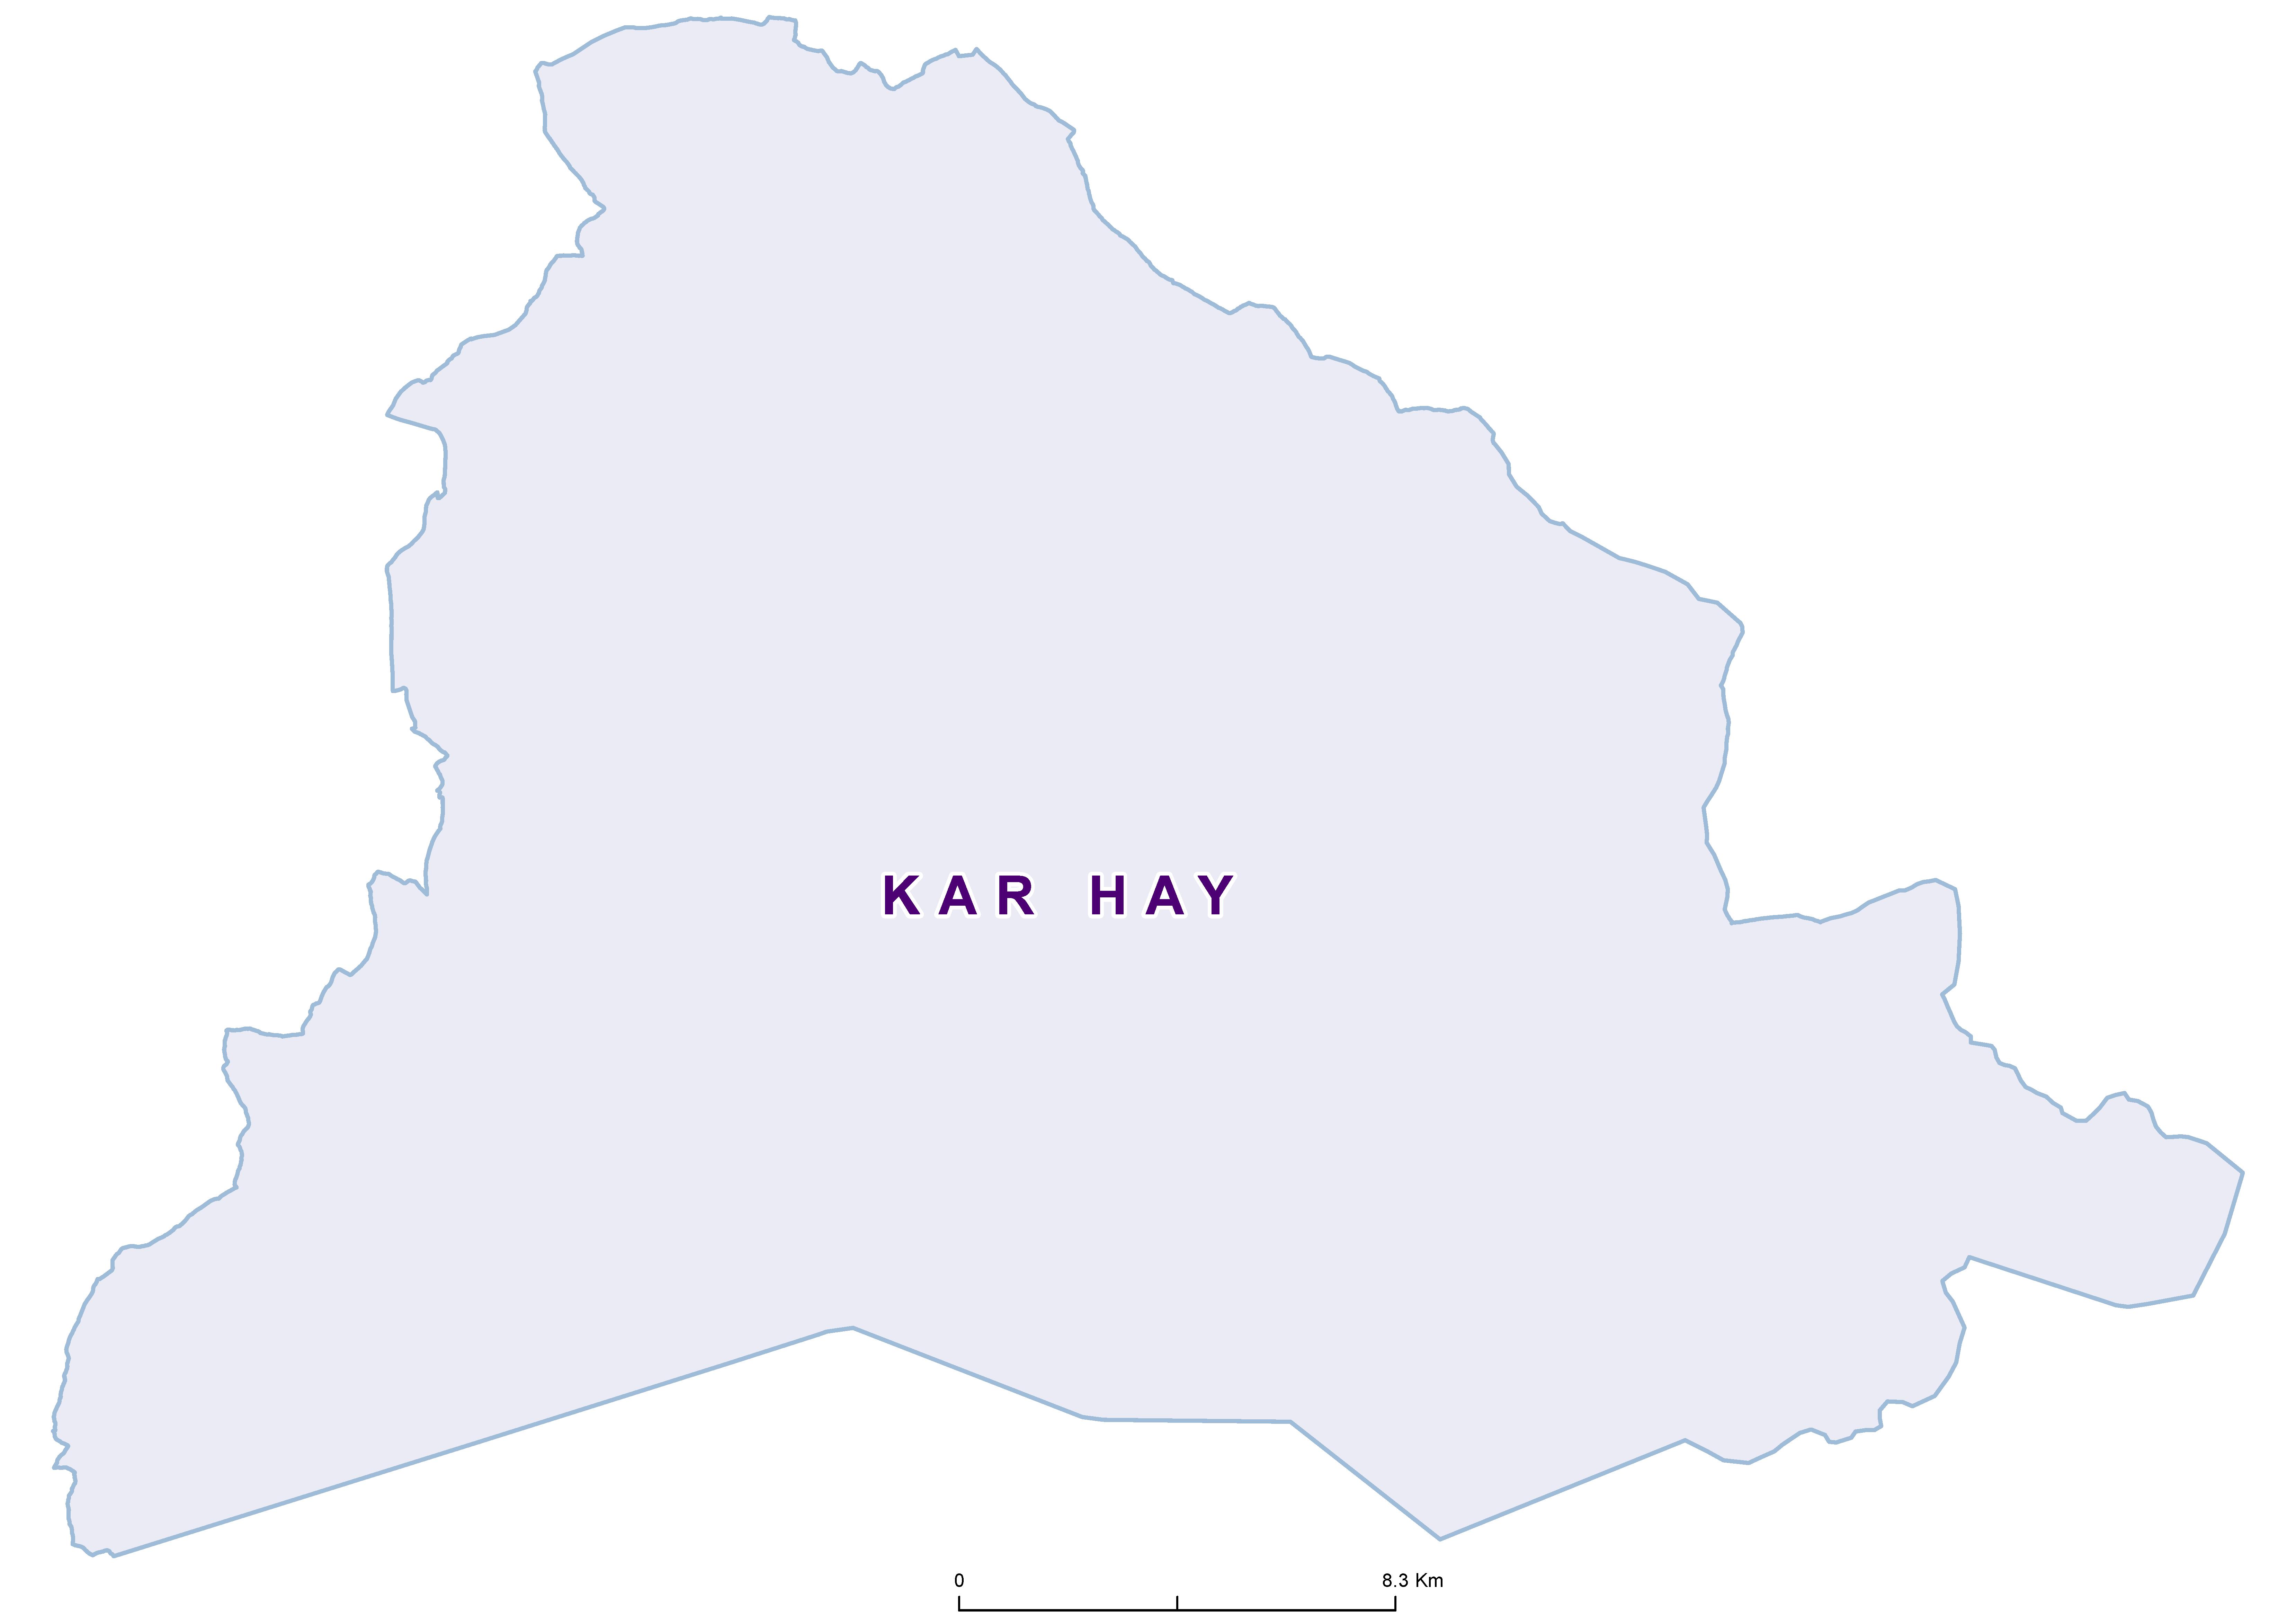 Kar hay Mean SCH 20180001